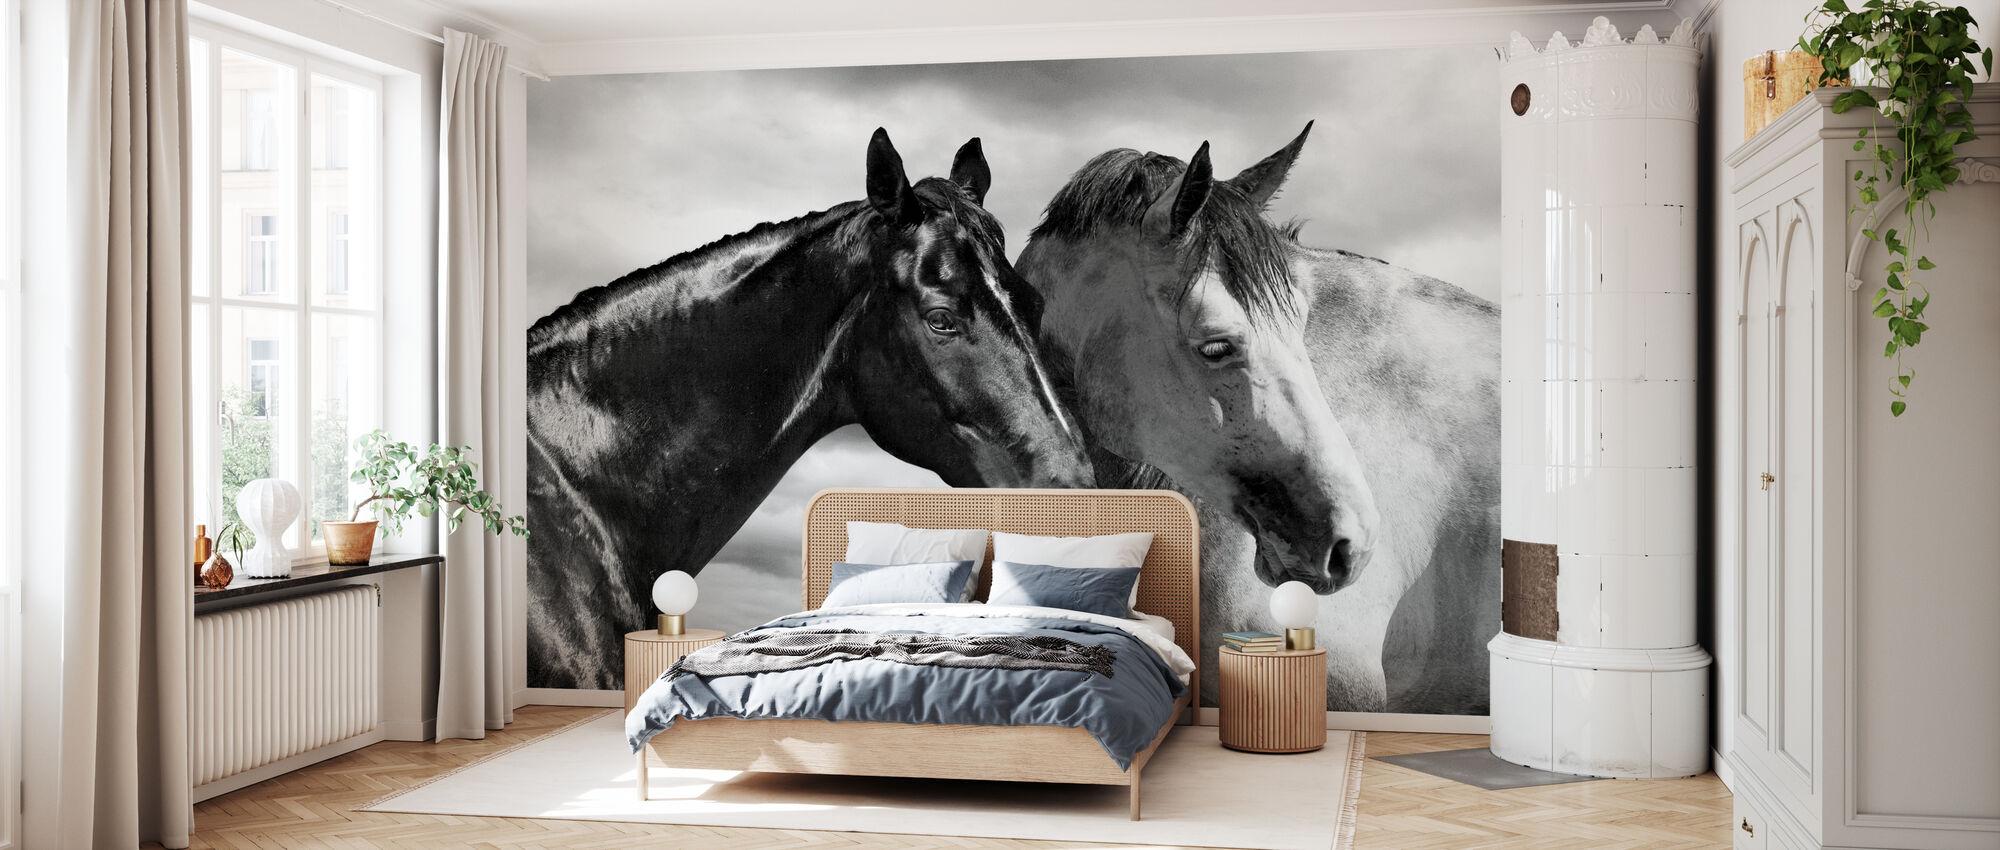 Horse Portrait - Wallpaper - Bedroom